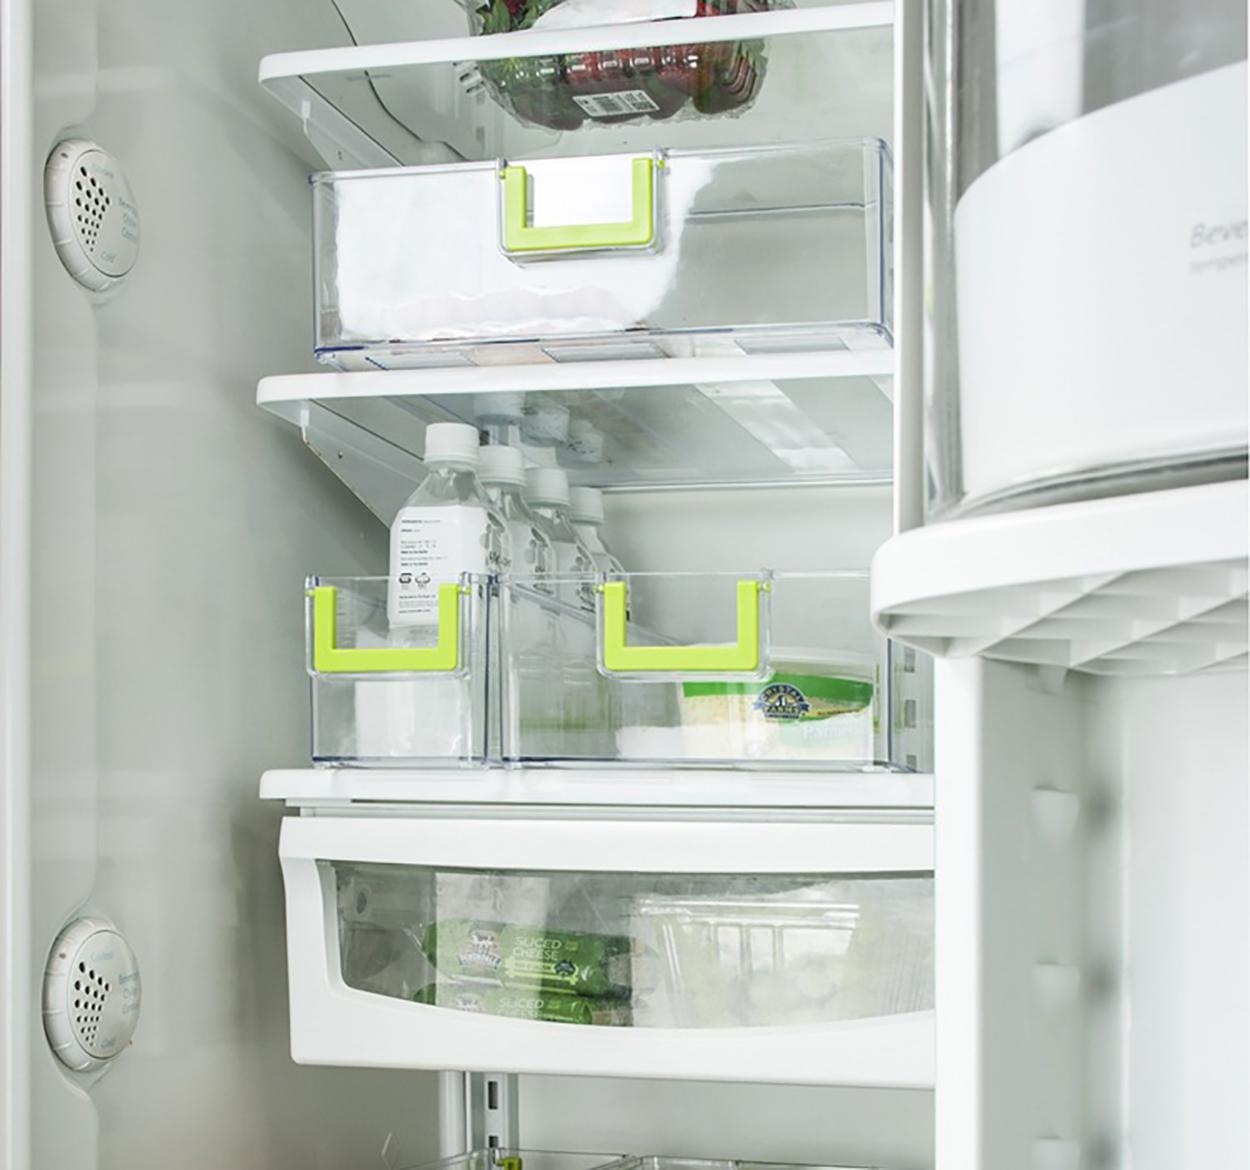 Full Size of 3er Set Kchen Khlschrank Boaufbewahrungsbehlter Küchen Regal Aufbewahrungsbehälter Küche Wohnzimmer Küchen Aufbewahrungsbehälter